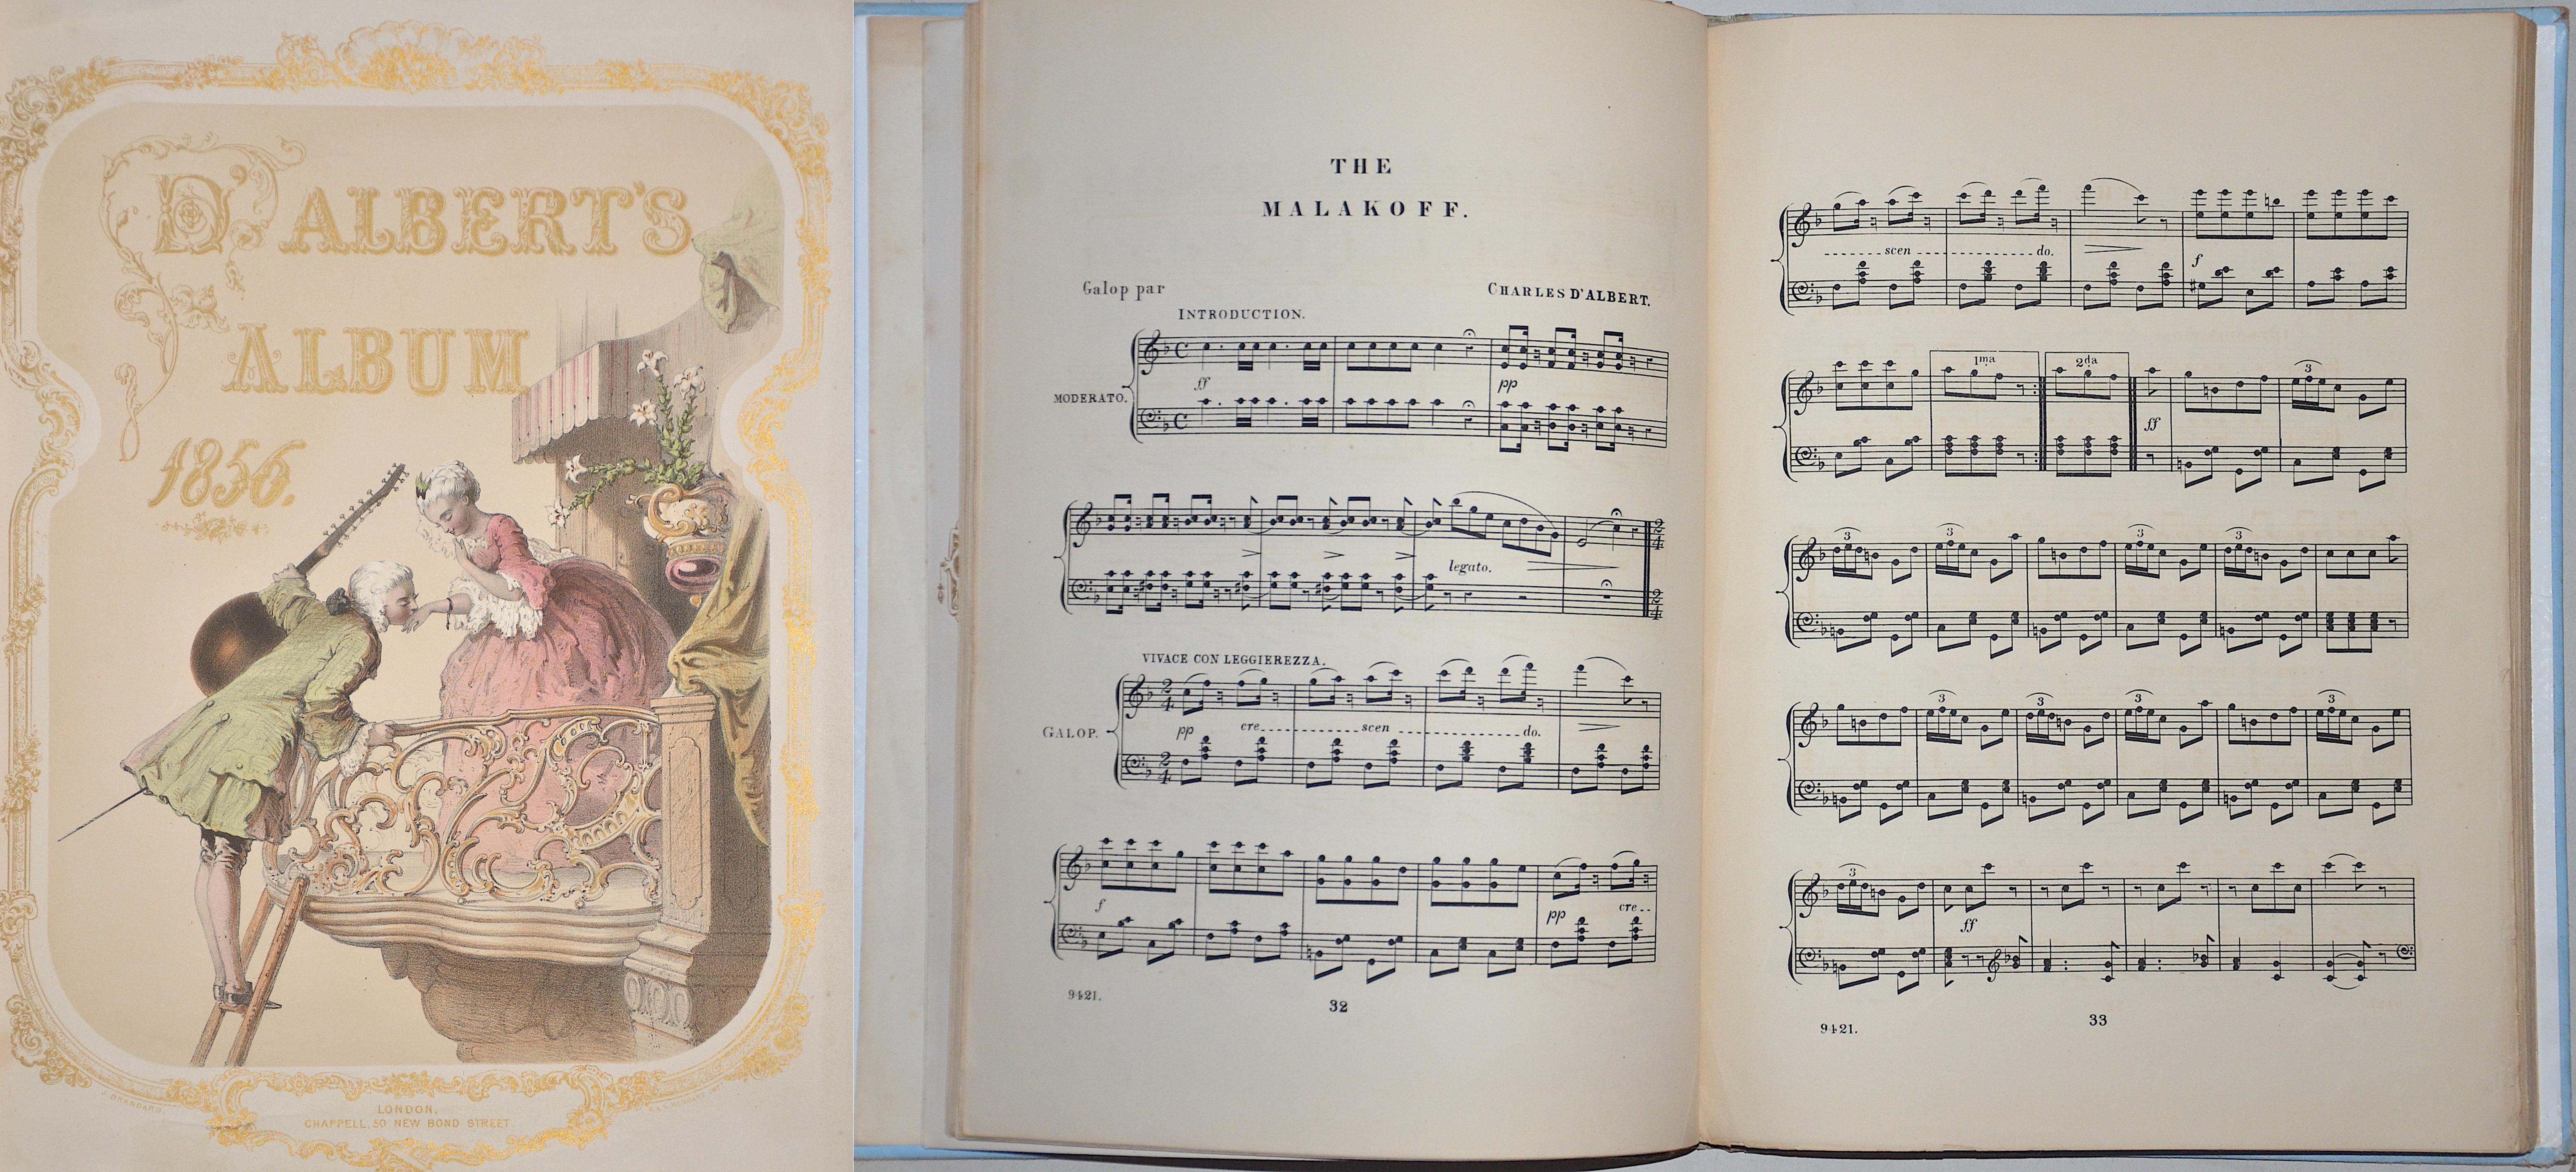 Chappell  D'Albert's Album 1856.